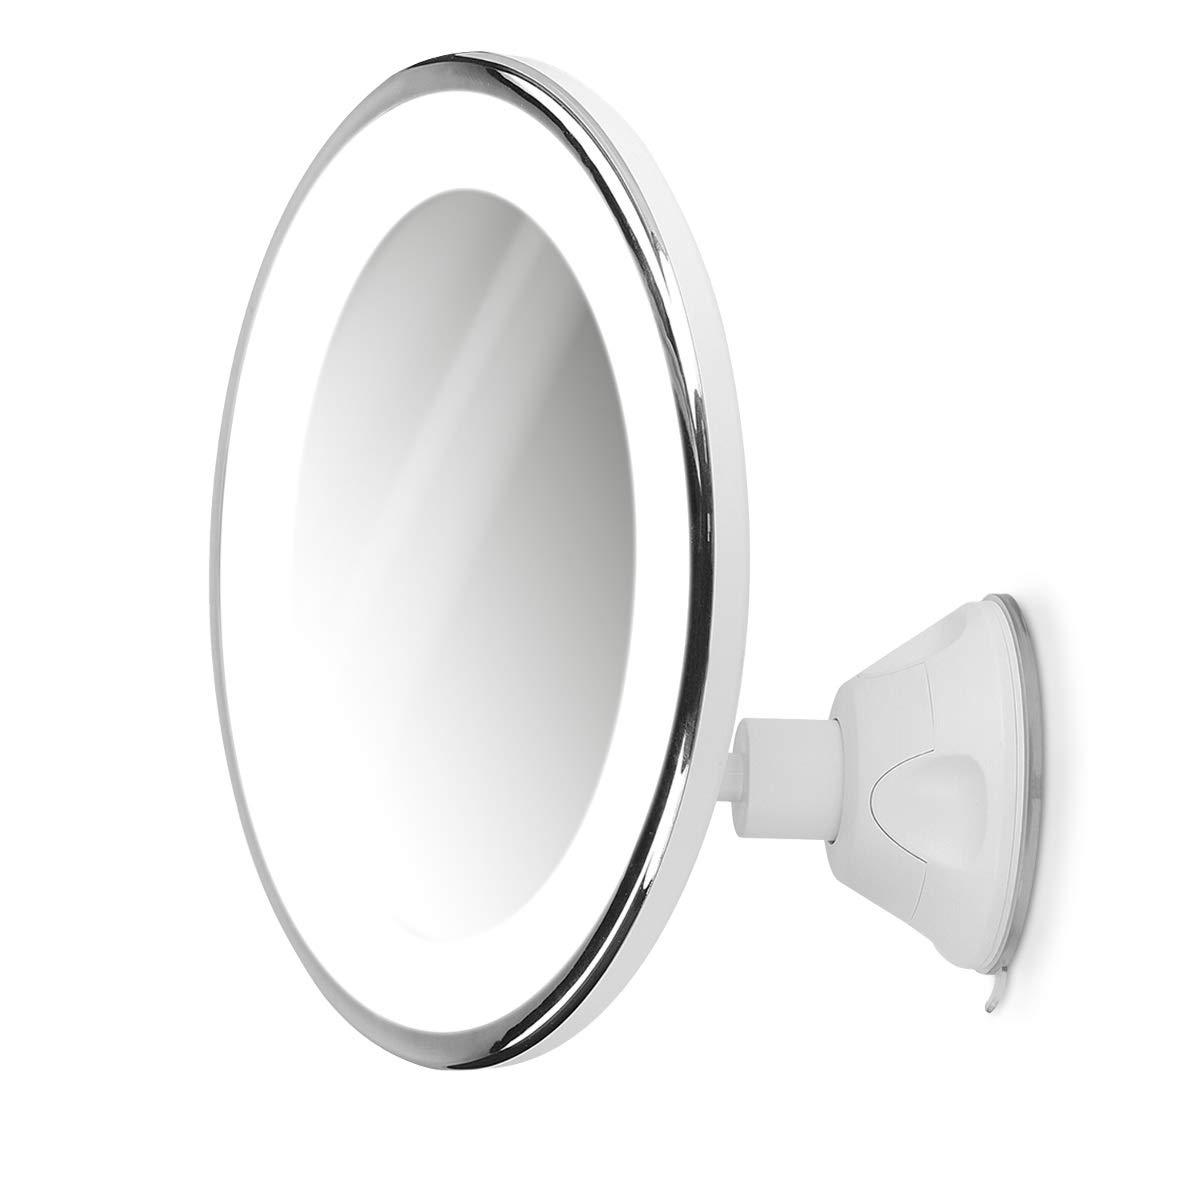 Zoom 10x Rotation 360/° Salle de Bain Maquillage beaut/é Voyage Miroir Mural Lumineux avec Ventouse Navaris Miroir grossissant /éclairage LED